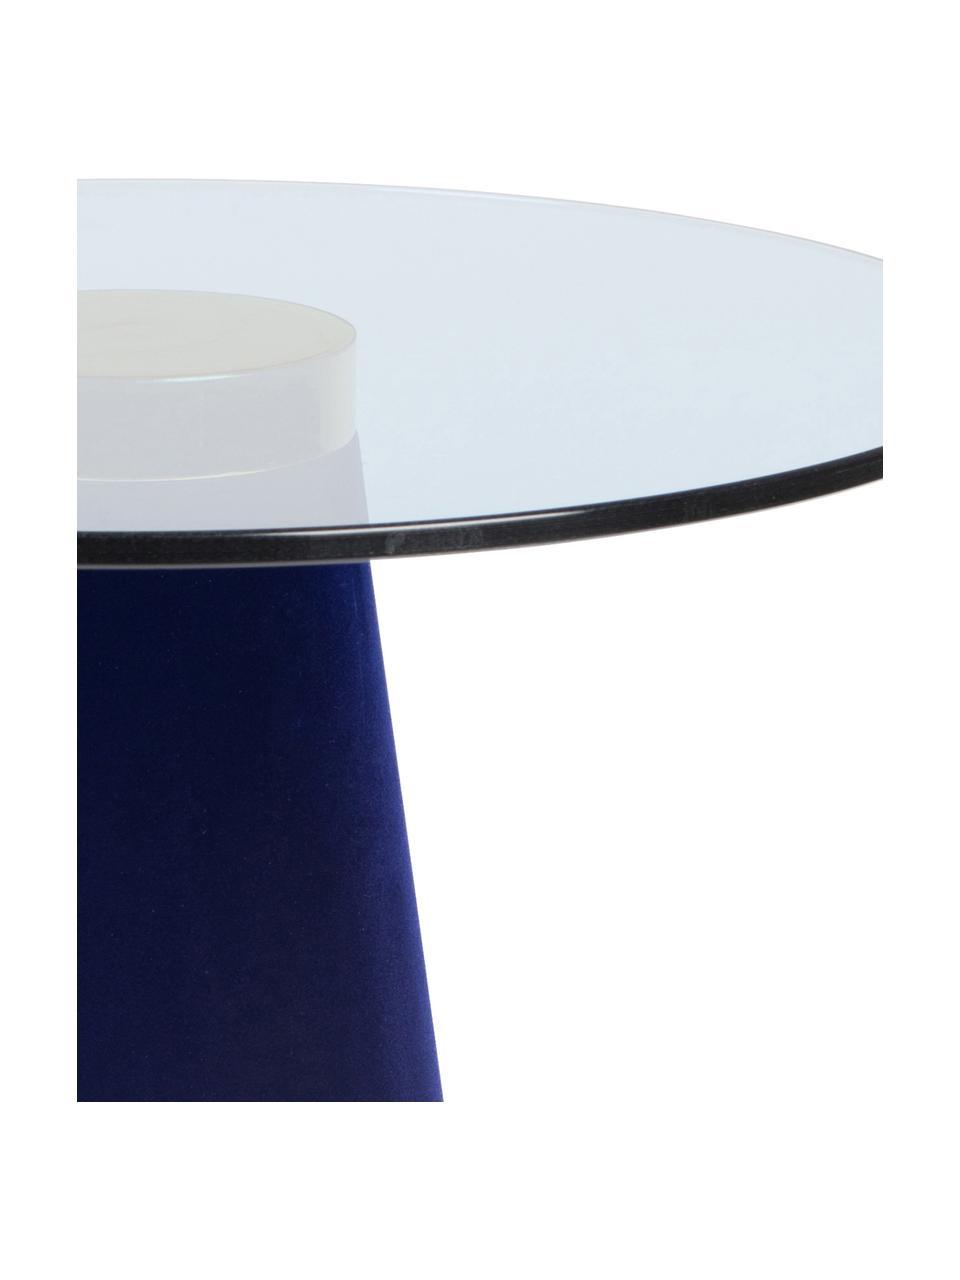 Tavolino con piano in vetro Leader Of The Fanclub, Piano d'appoggio: vetro temperato, Struttura: alluminio verniciato, Blu, Ø 40 x Alt. 39 cm